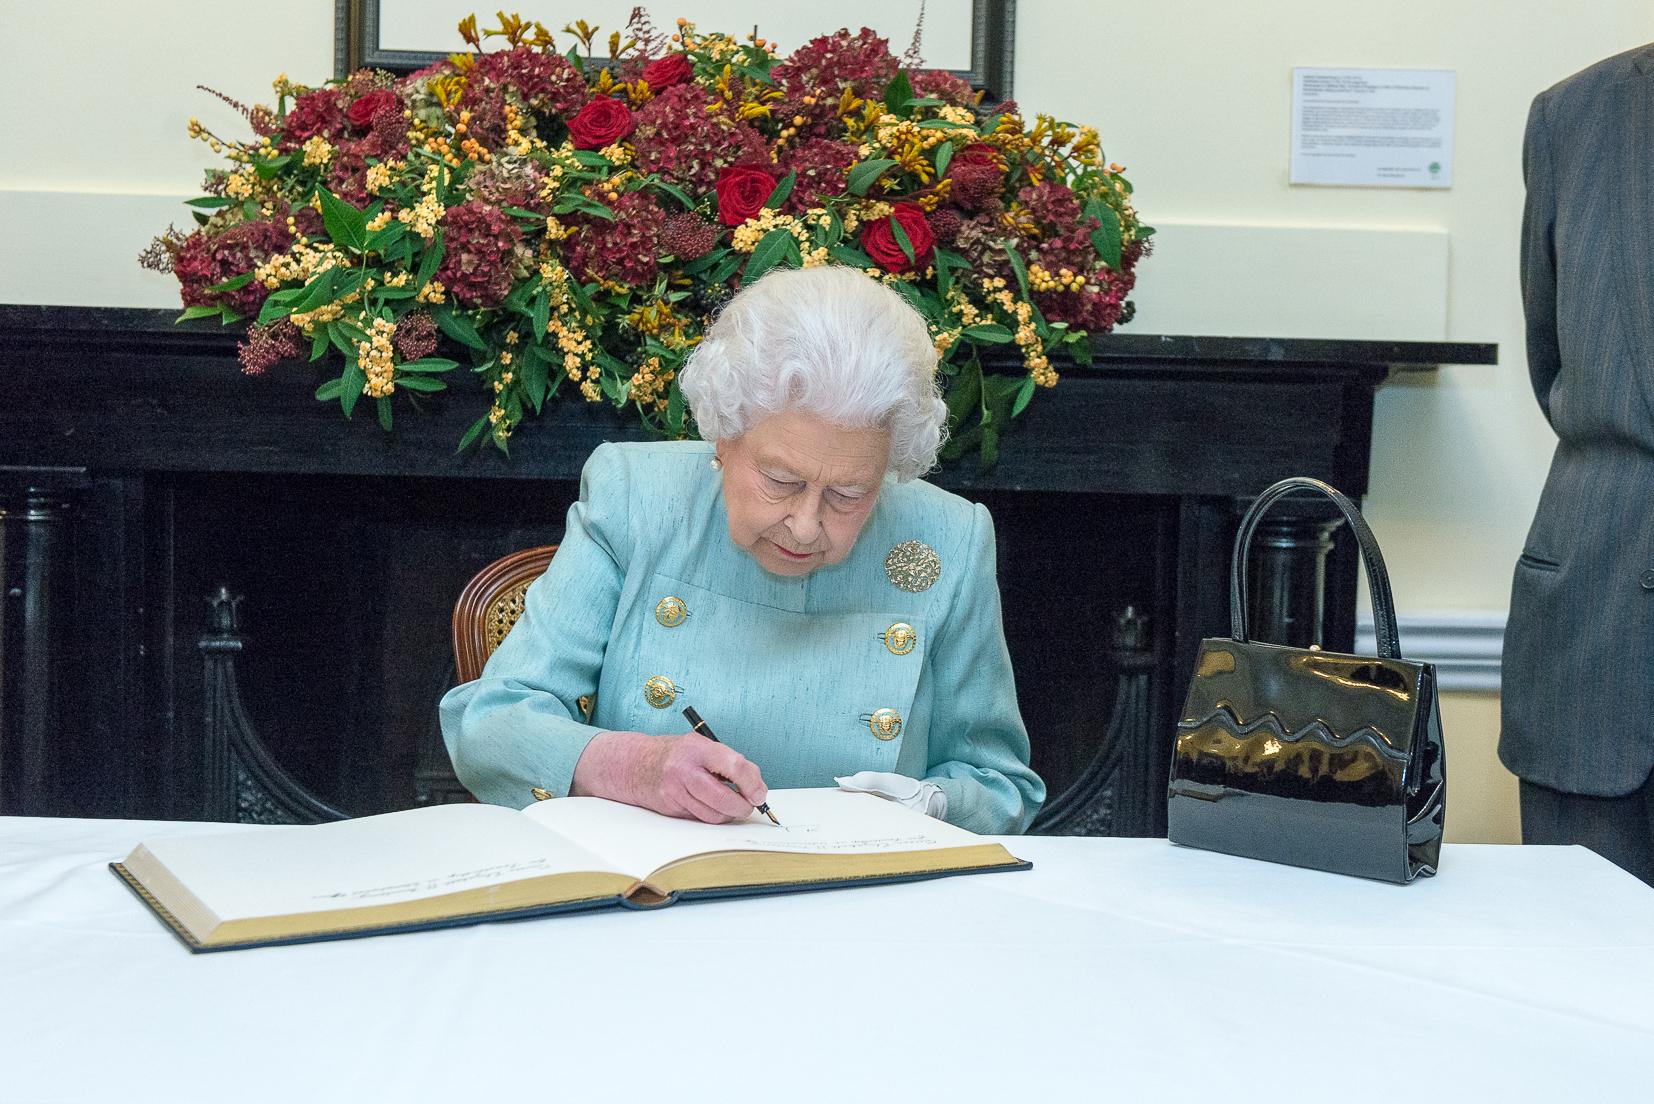 Foto: Chatham House via Wikimedia